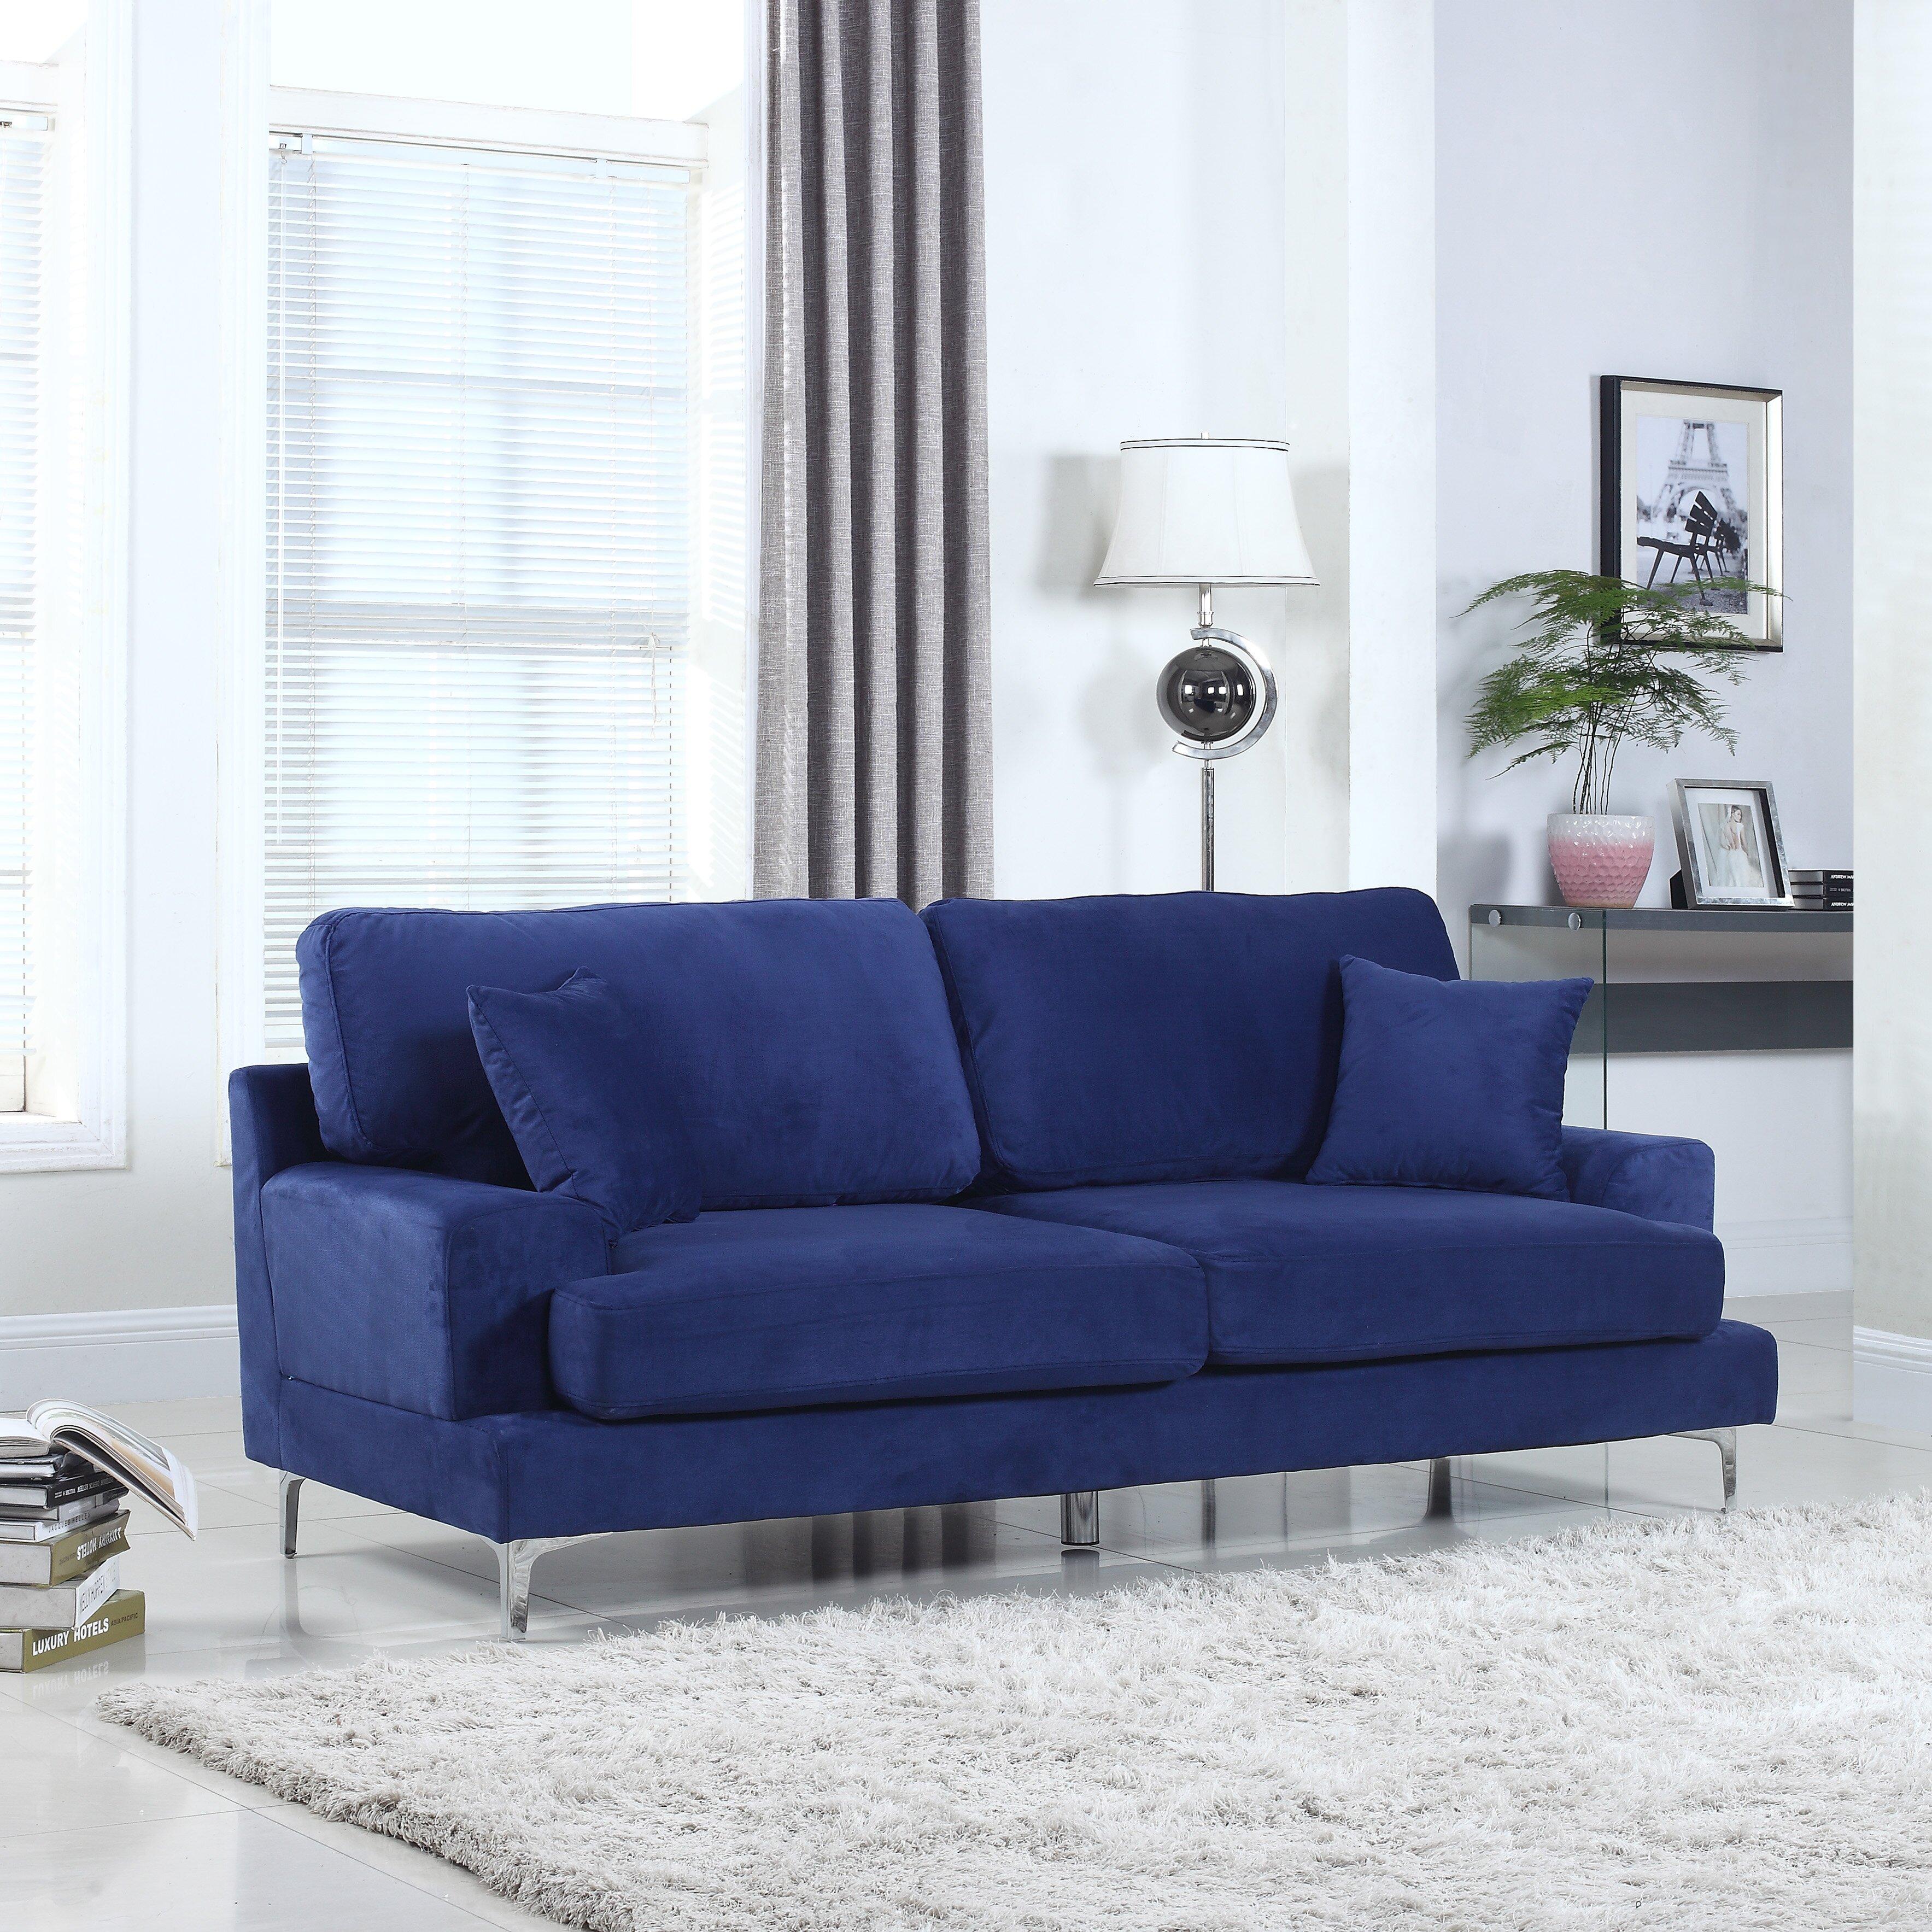 Madison home usa ultra modern plush velvet living room for Modern living room usa